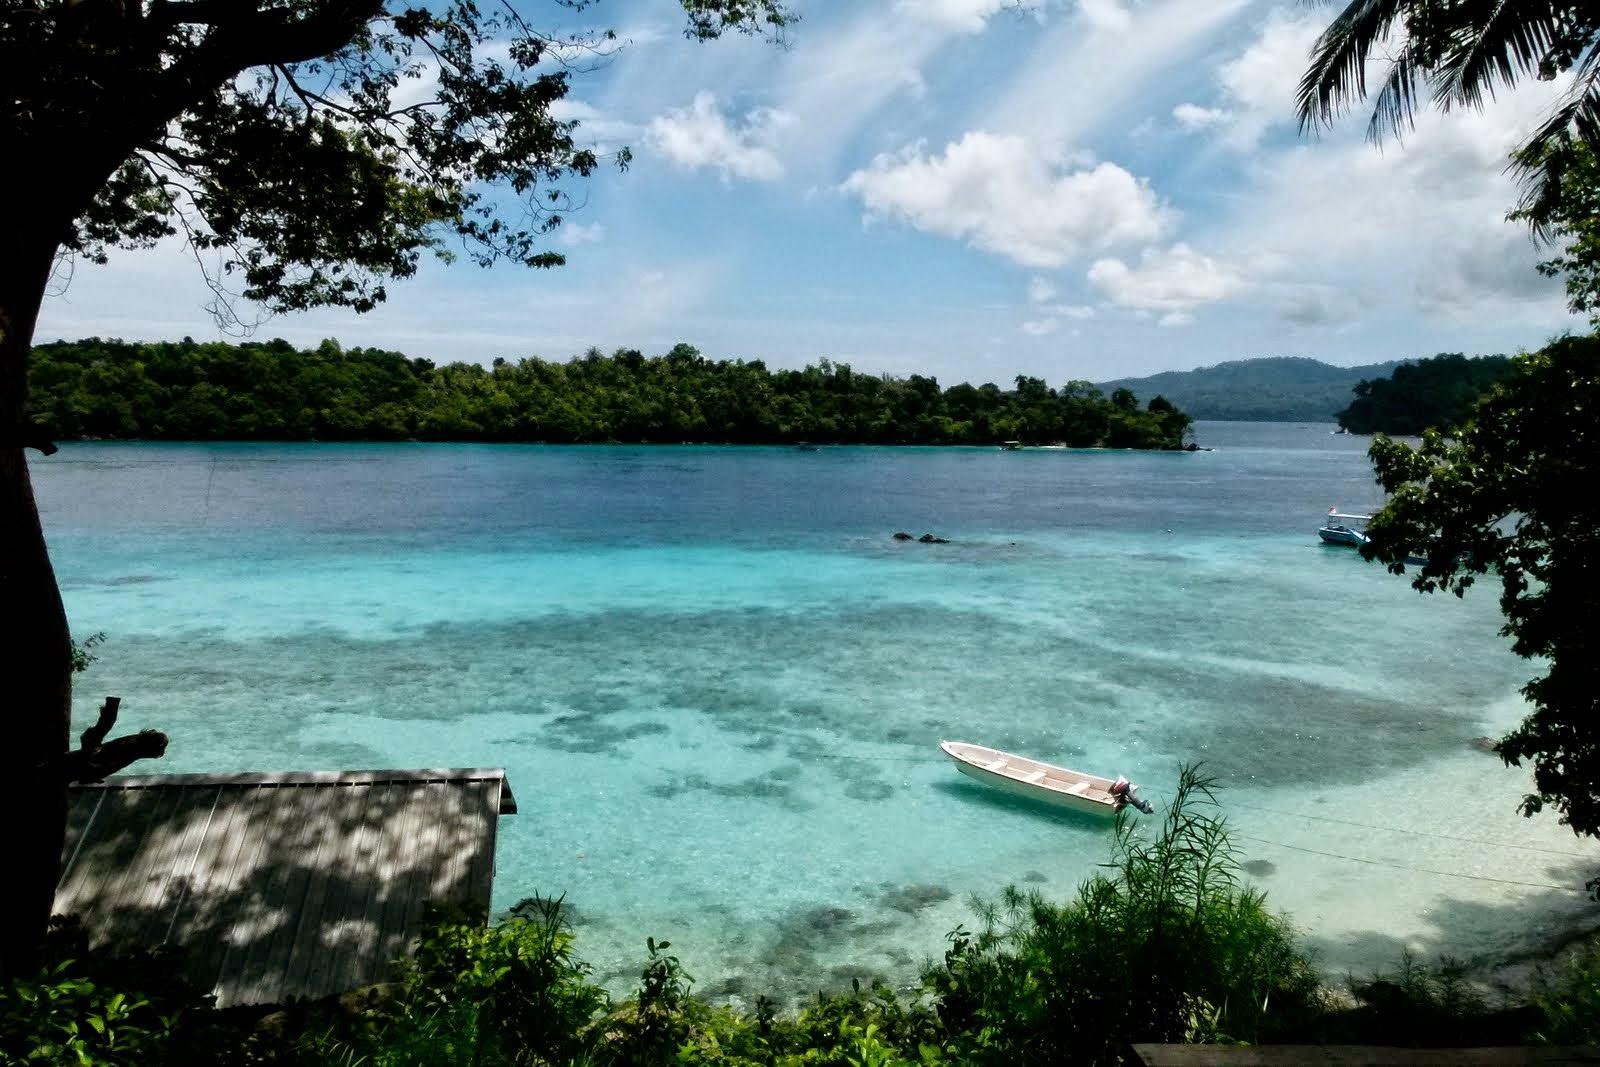 Wisata Bahari dan Kuliner di Pantai Anoi Itam Pulau Weh